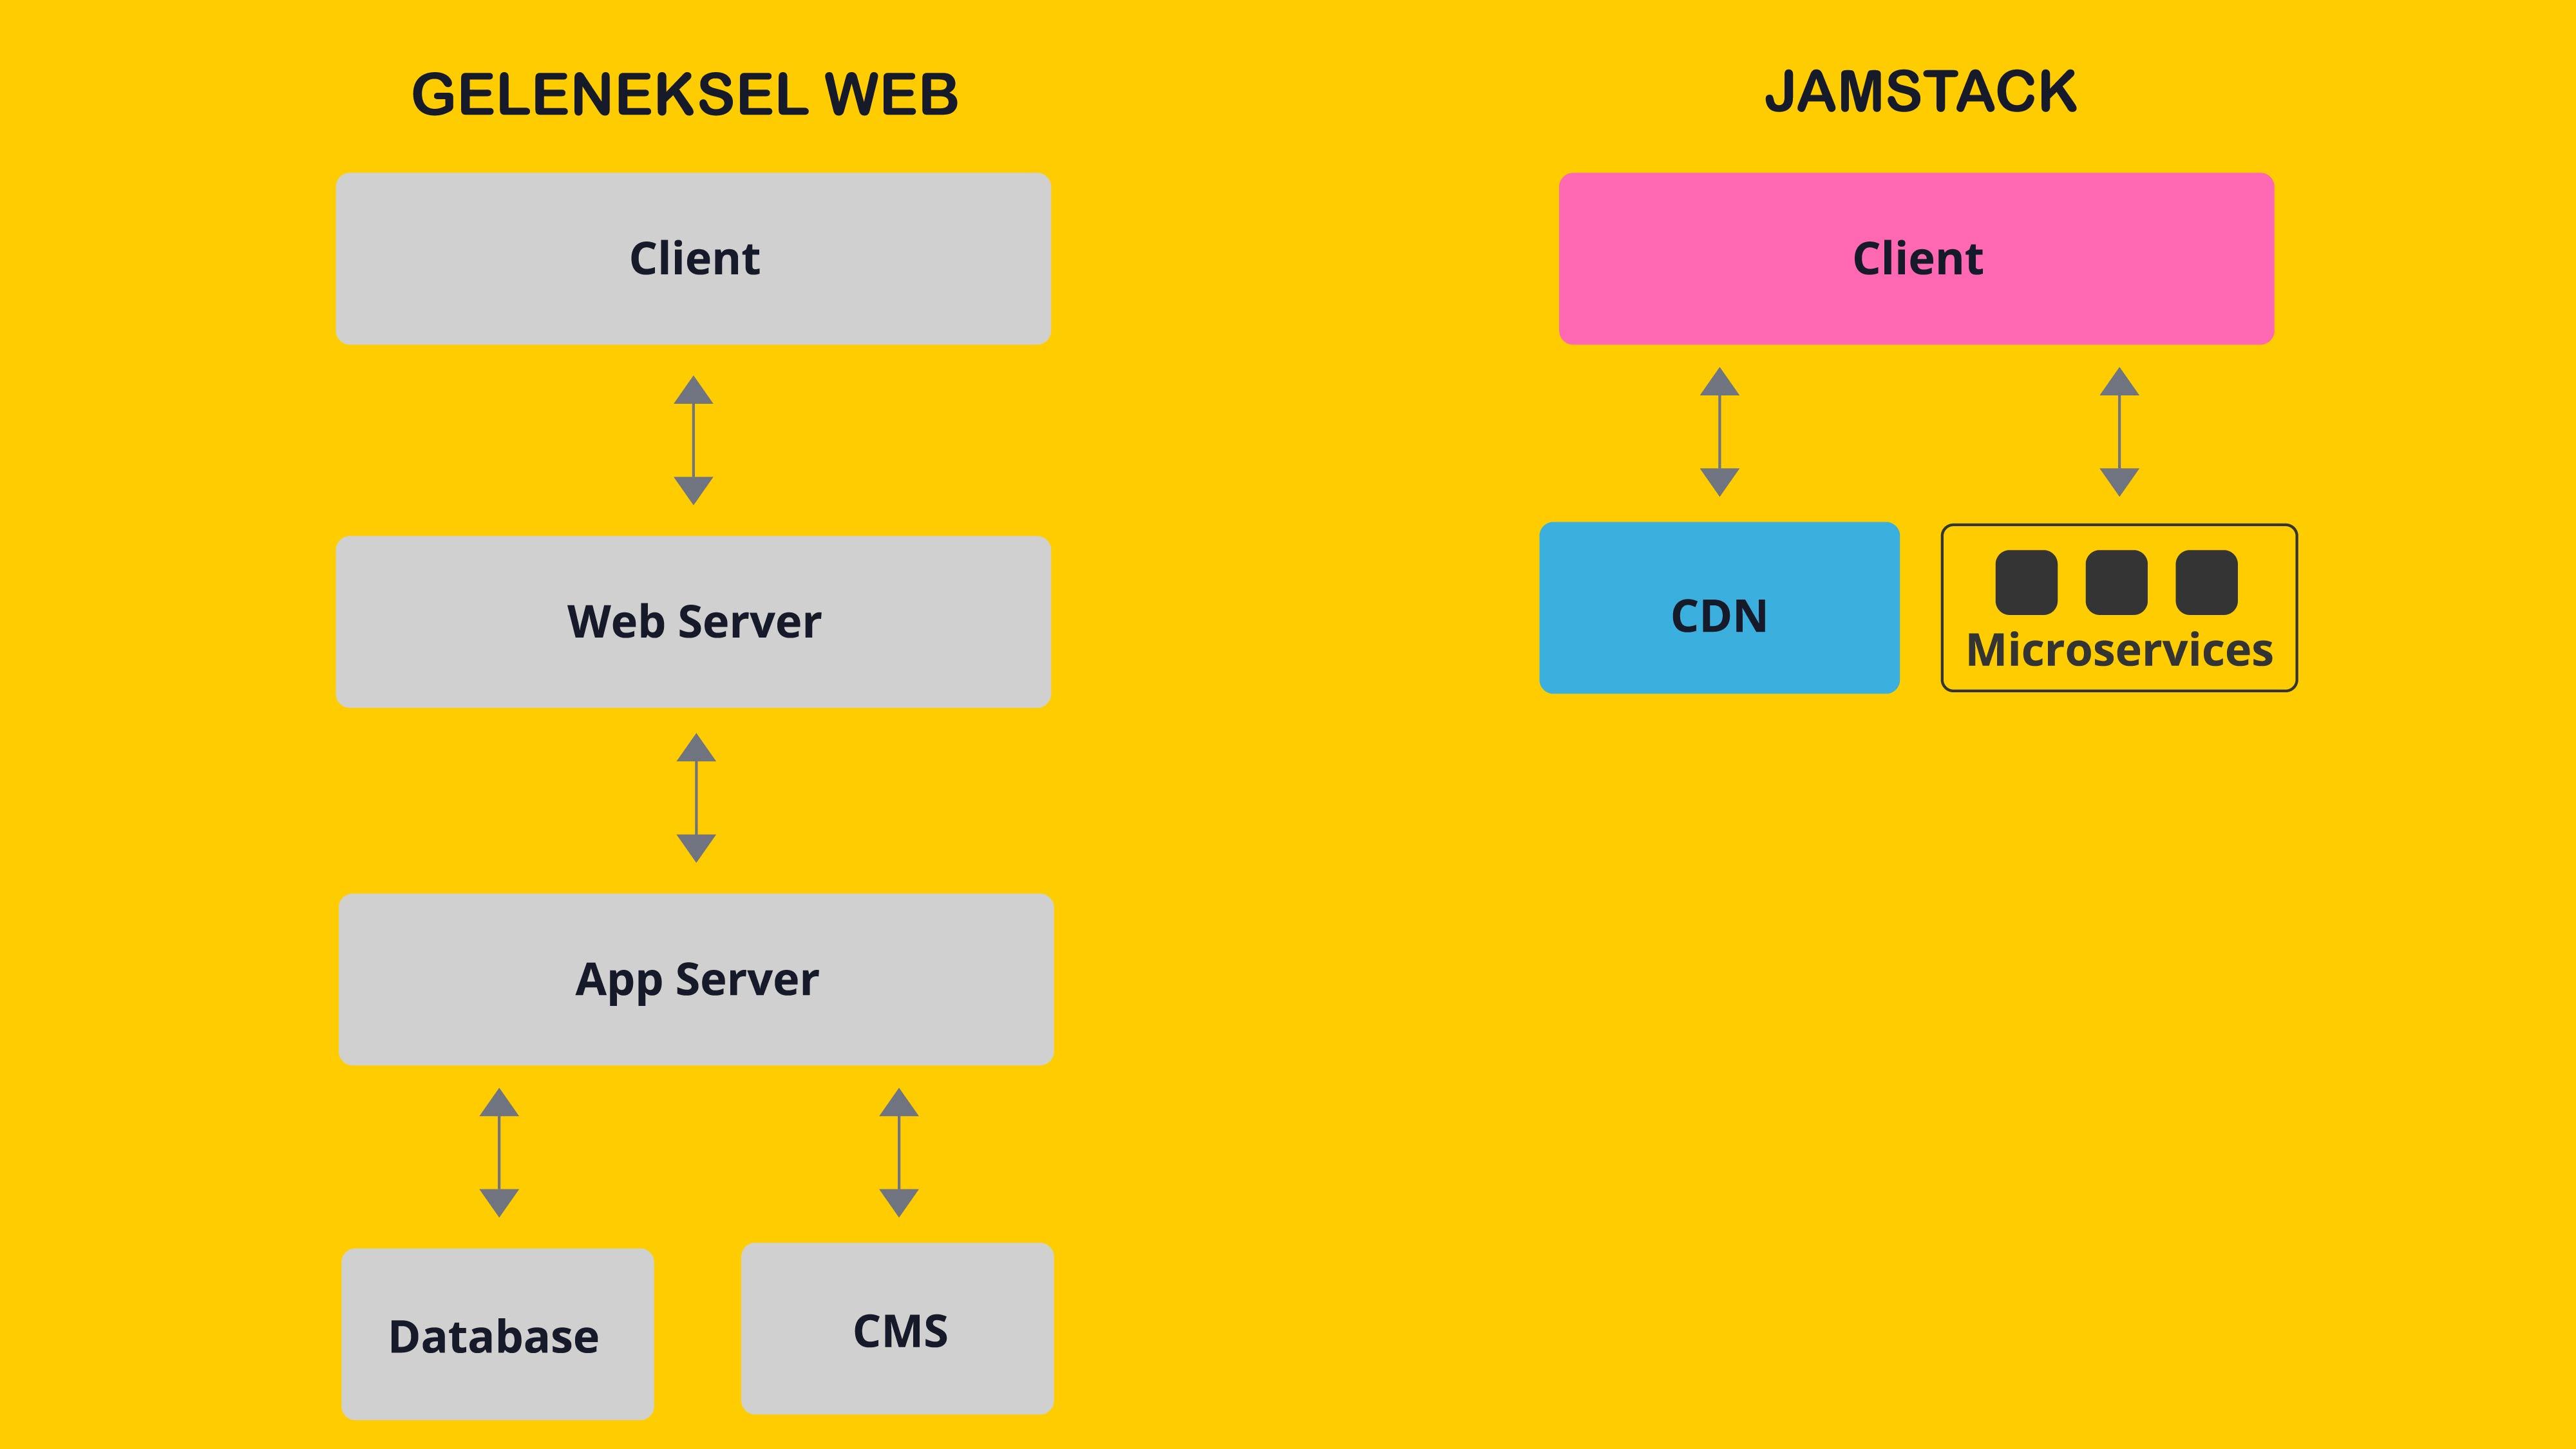 Geleneksel Web vs JAMSTACK